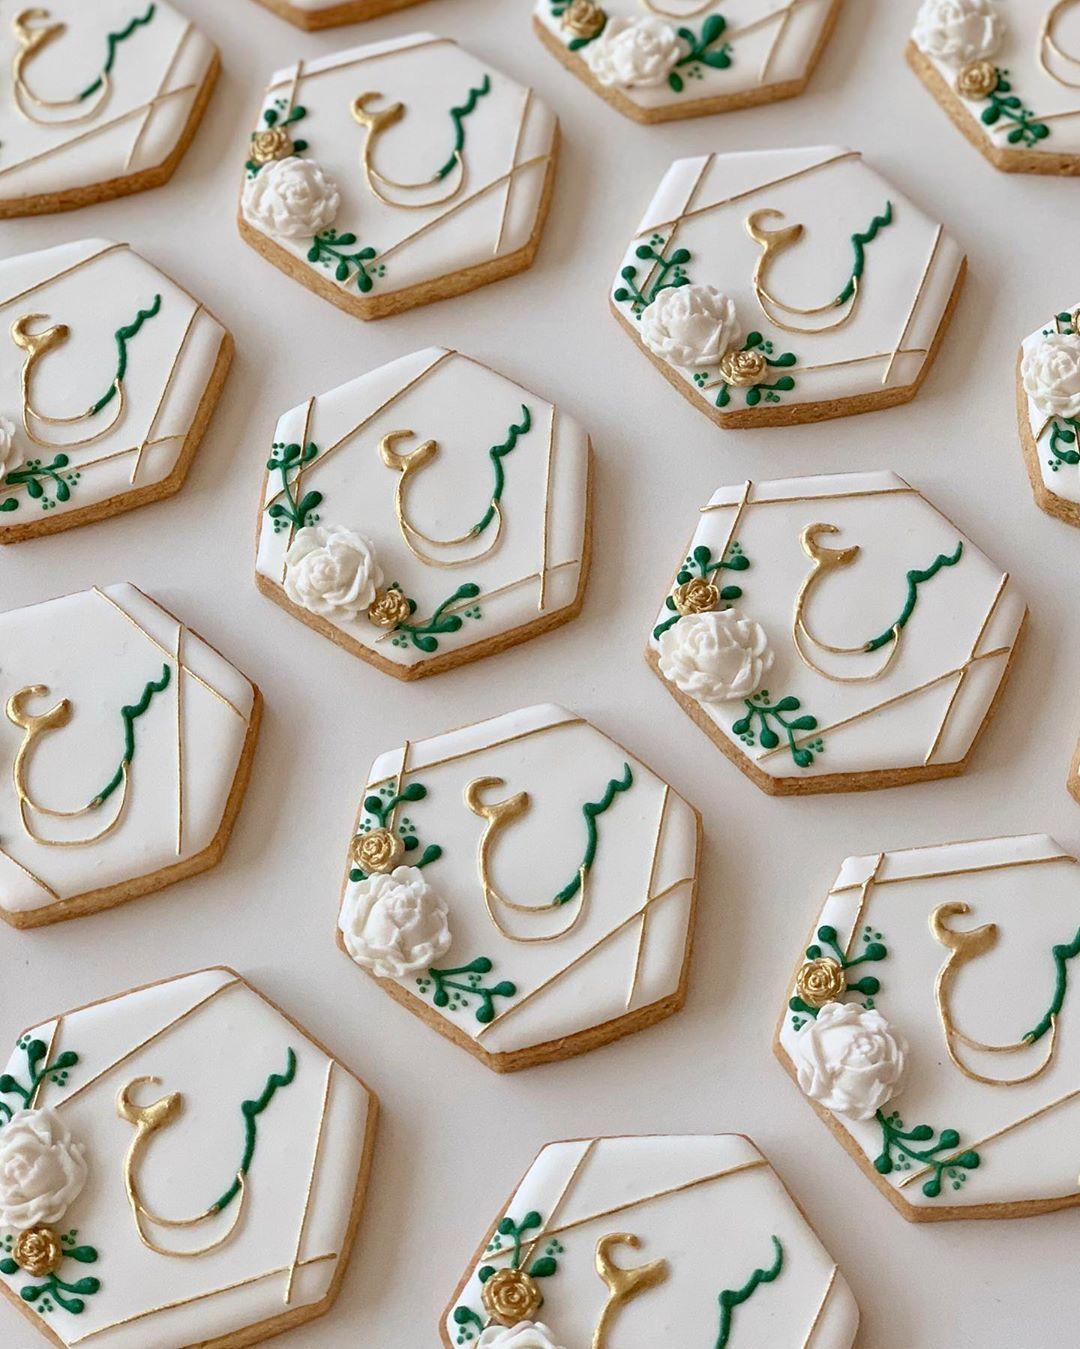 توزيعات أعراس توزيعات خطوبة توزيعات ملجة افكار توزيعات أعراس Wedding Cookies Wedding Favors Engagement Cookie Sugar Cookie Wedding Prep Royal Icing